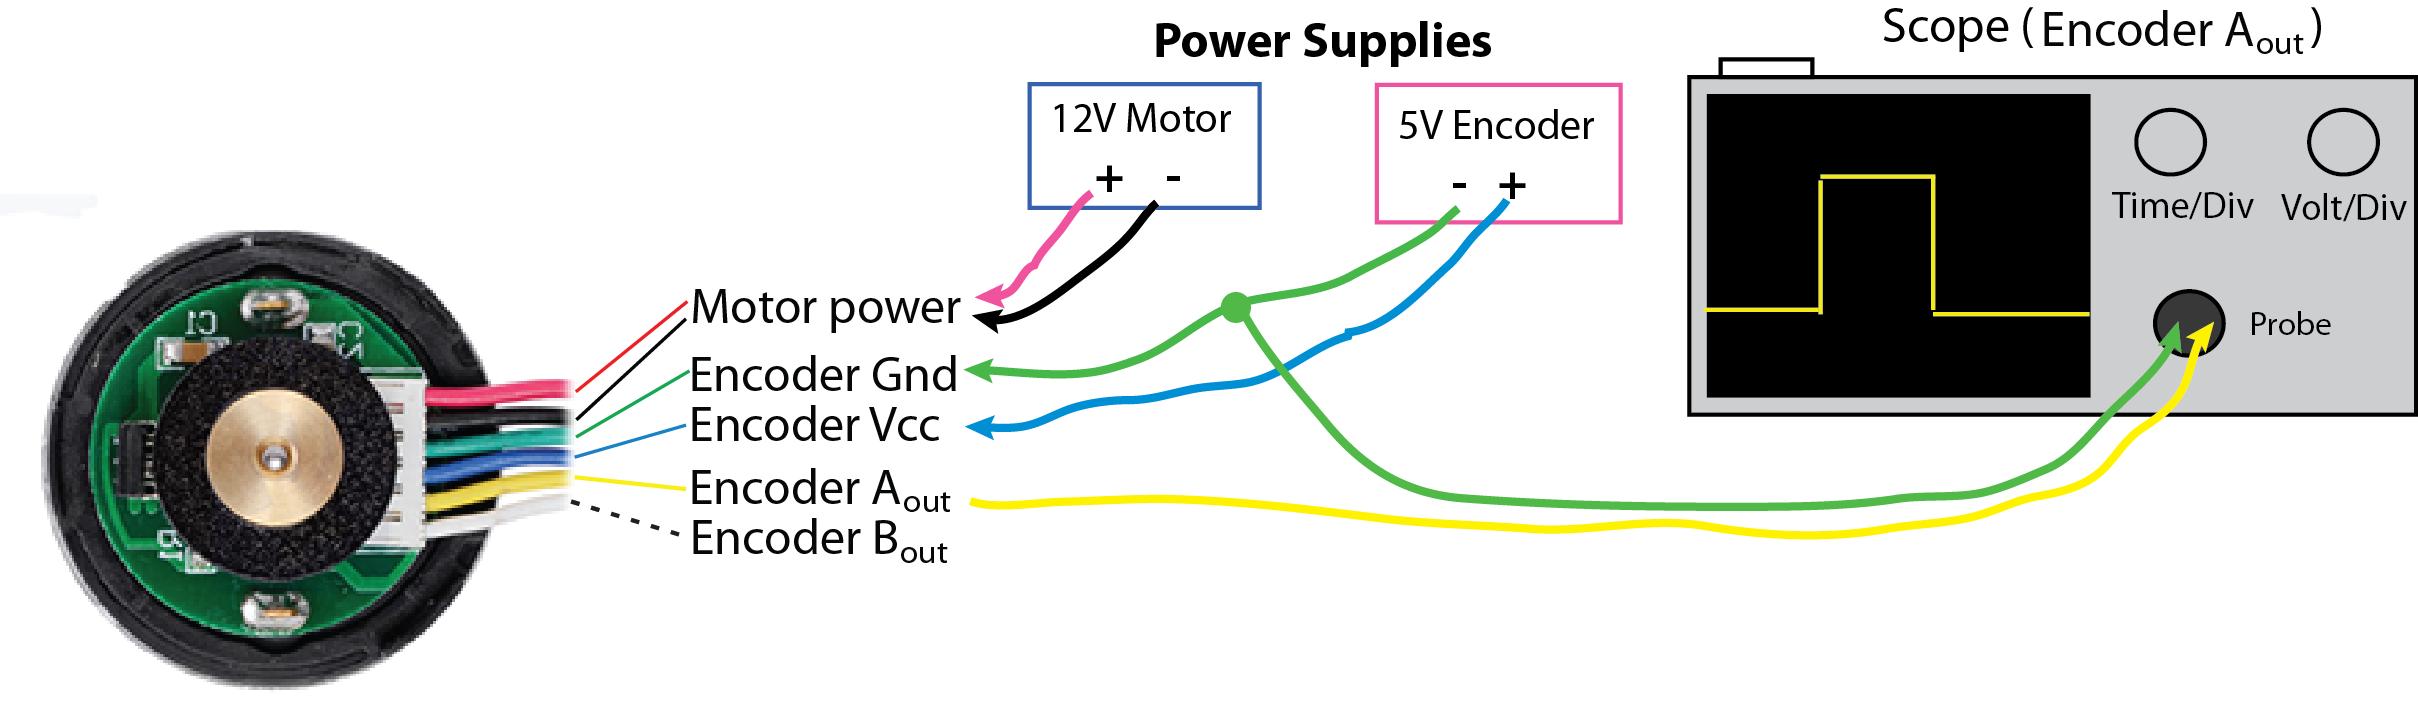 [TVPR_3874]  OK_2730] Encoder Motor Wiring Diagram On Quadrature Encoder Wiring Diagram  Schematic Wiring | Dc Motor Encoder Wiring Diagram |  | Benol Mecad Cular Isra Mohammedshrine Librar Wiring 101